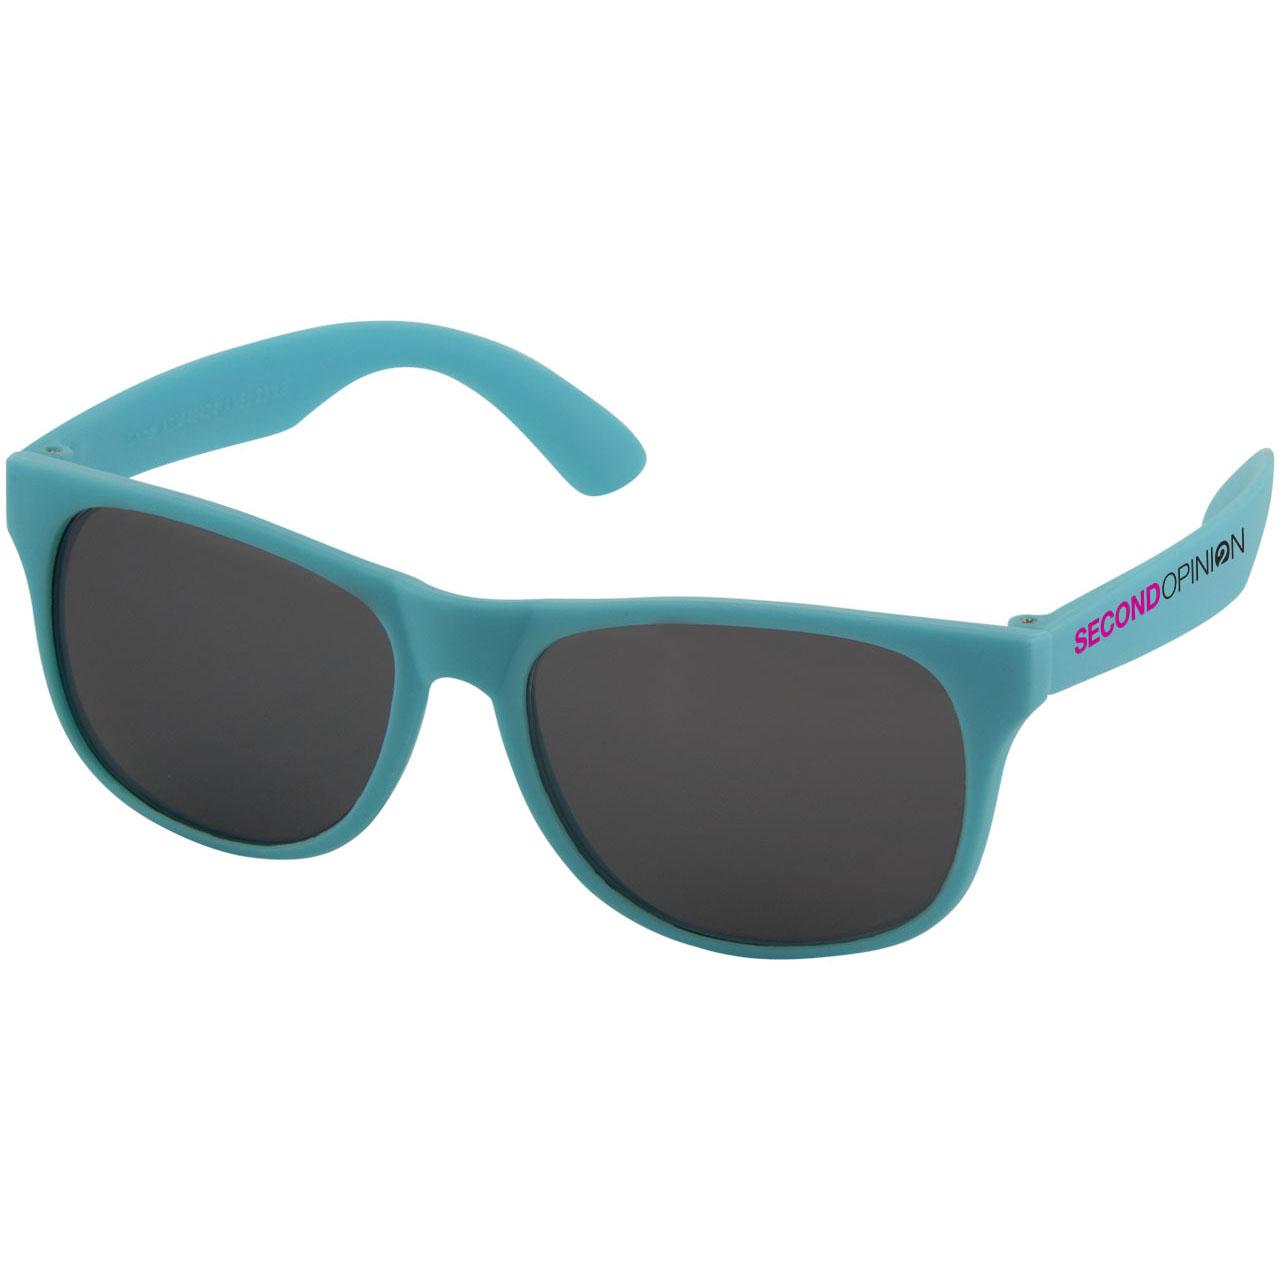 Afbeelding van 100 st. Bedrukte Zonnebril Retro Eenkleurig bedrukken zonnebrillen bedrukken In 5 werkdagen